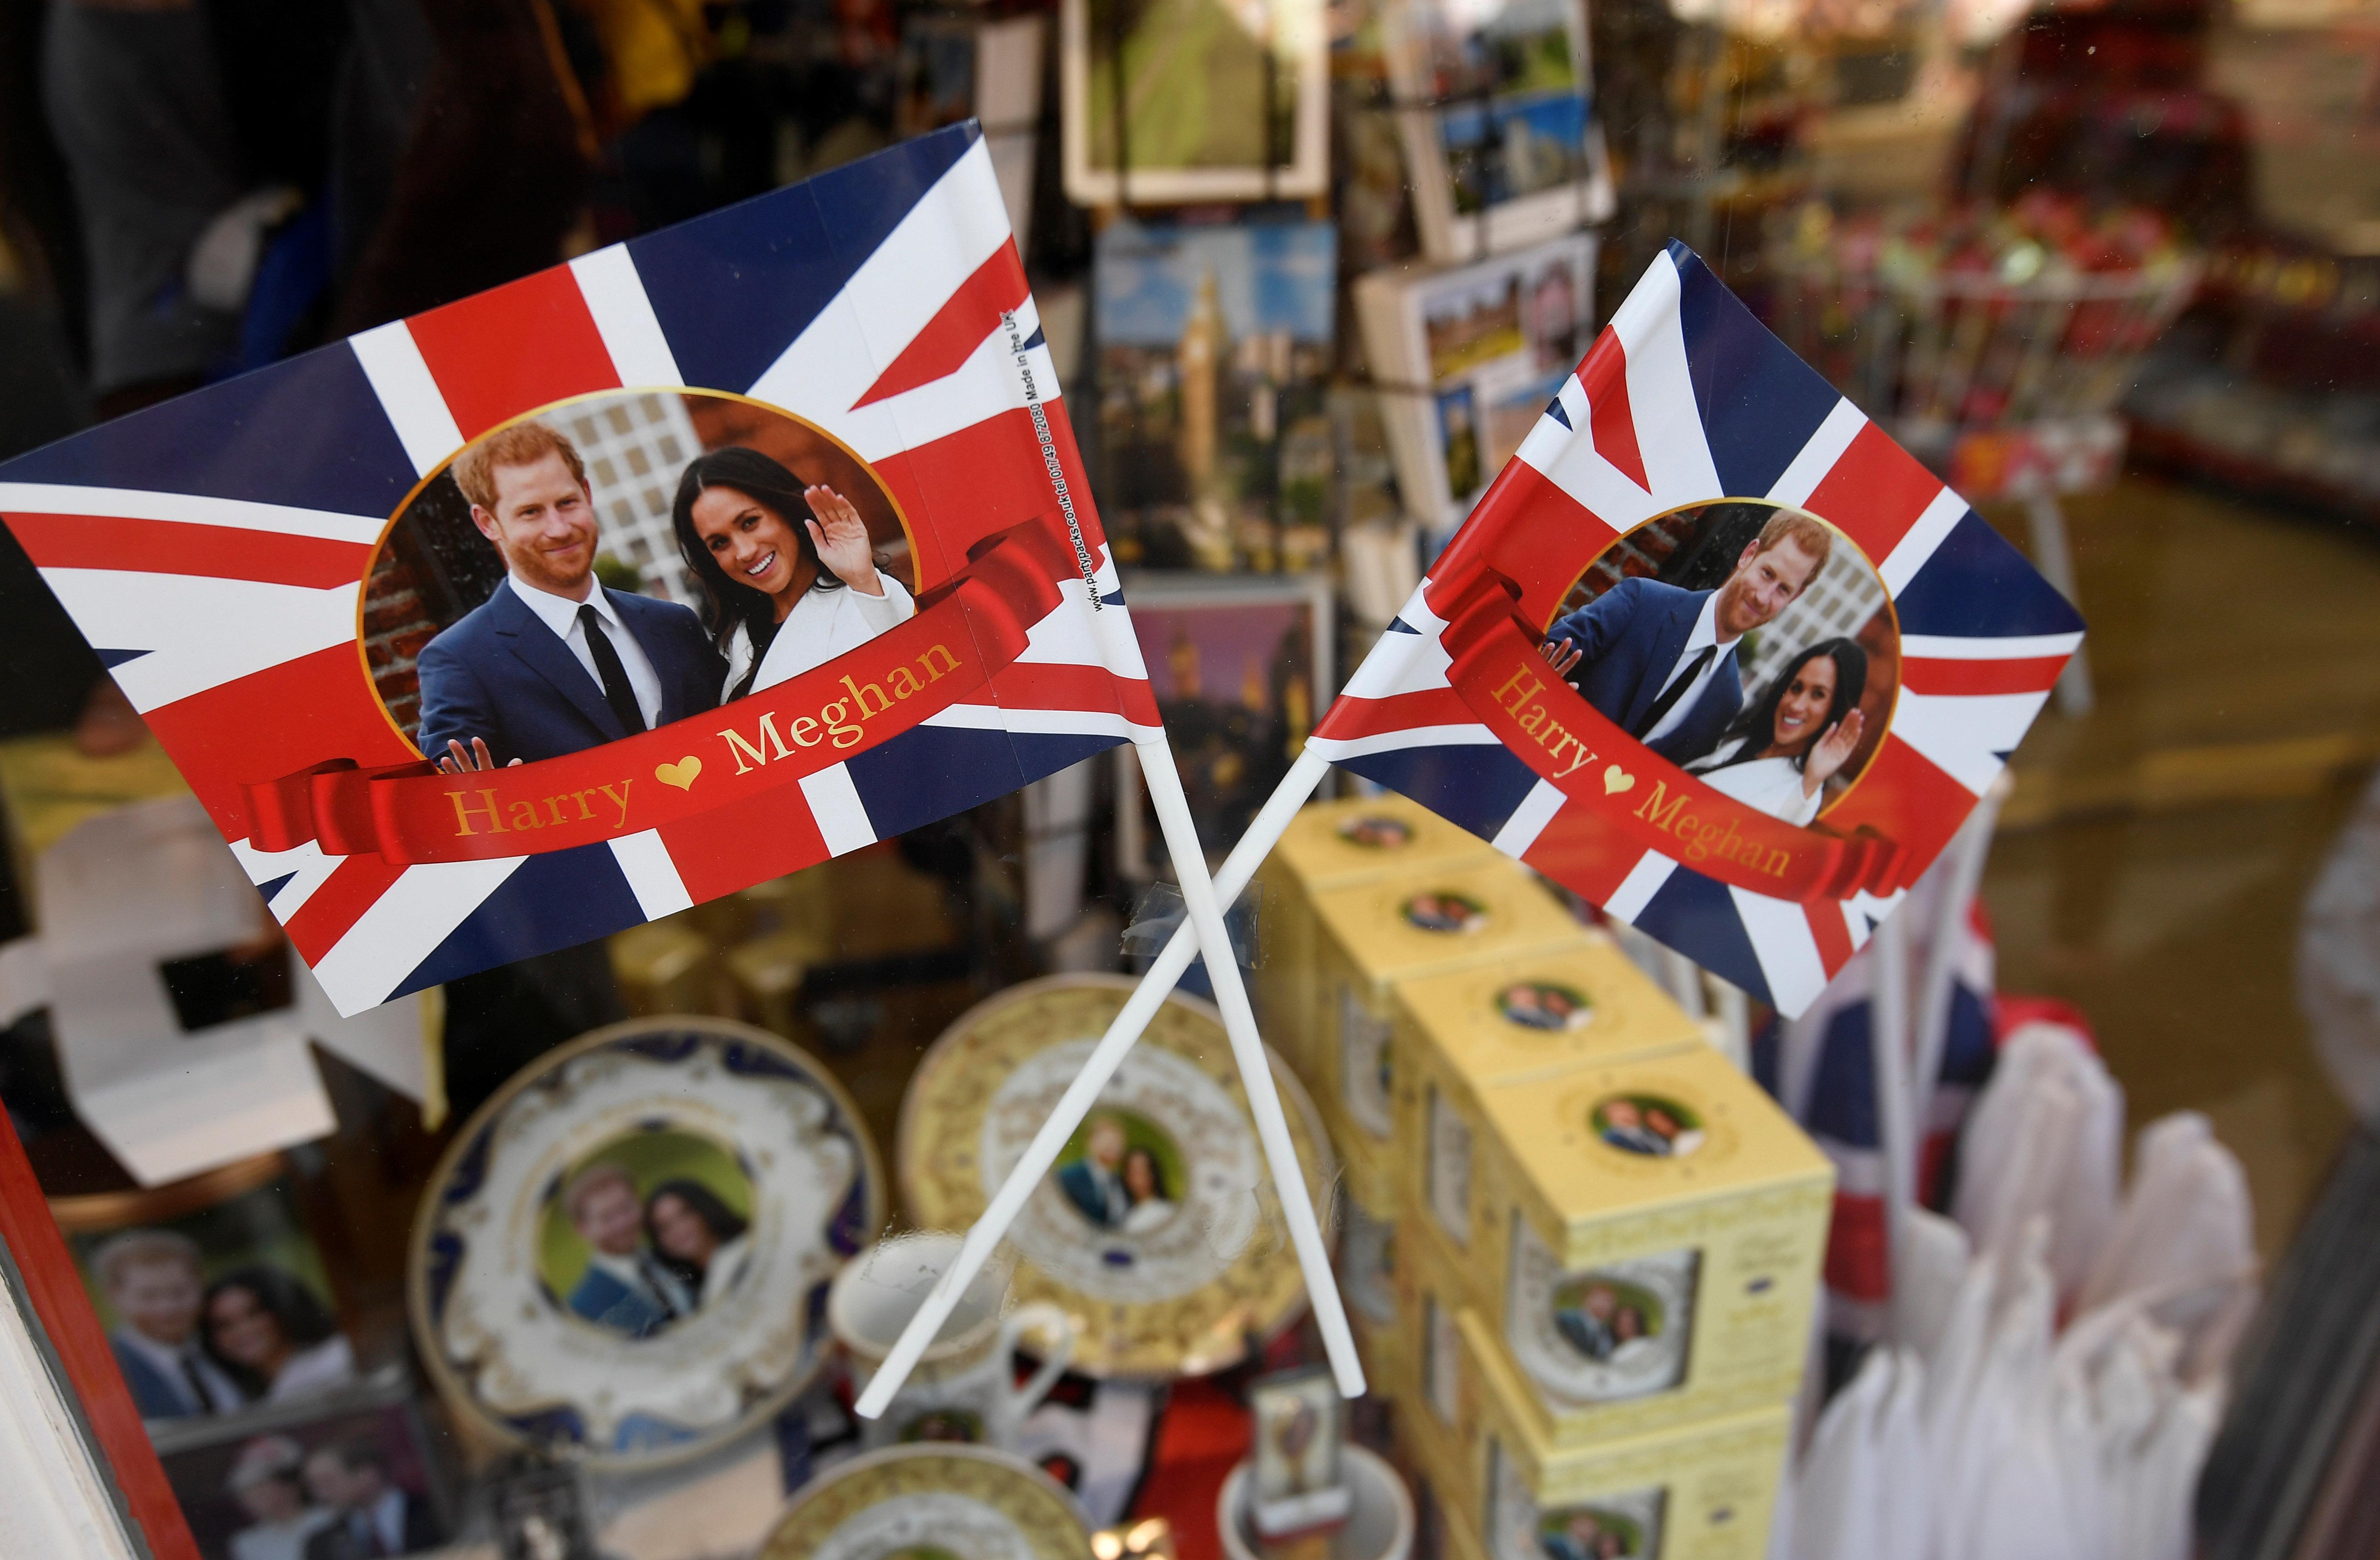 12-Euro-Verlobungsring und wackelnde Plastik-Queen: Das sind die skurrilsten Hochzeits-Souvenirs